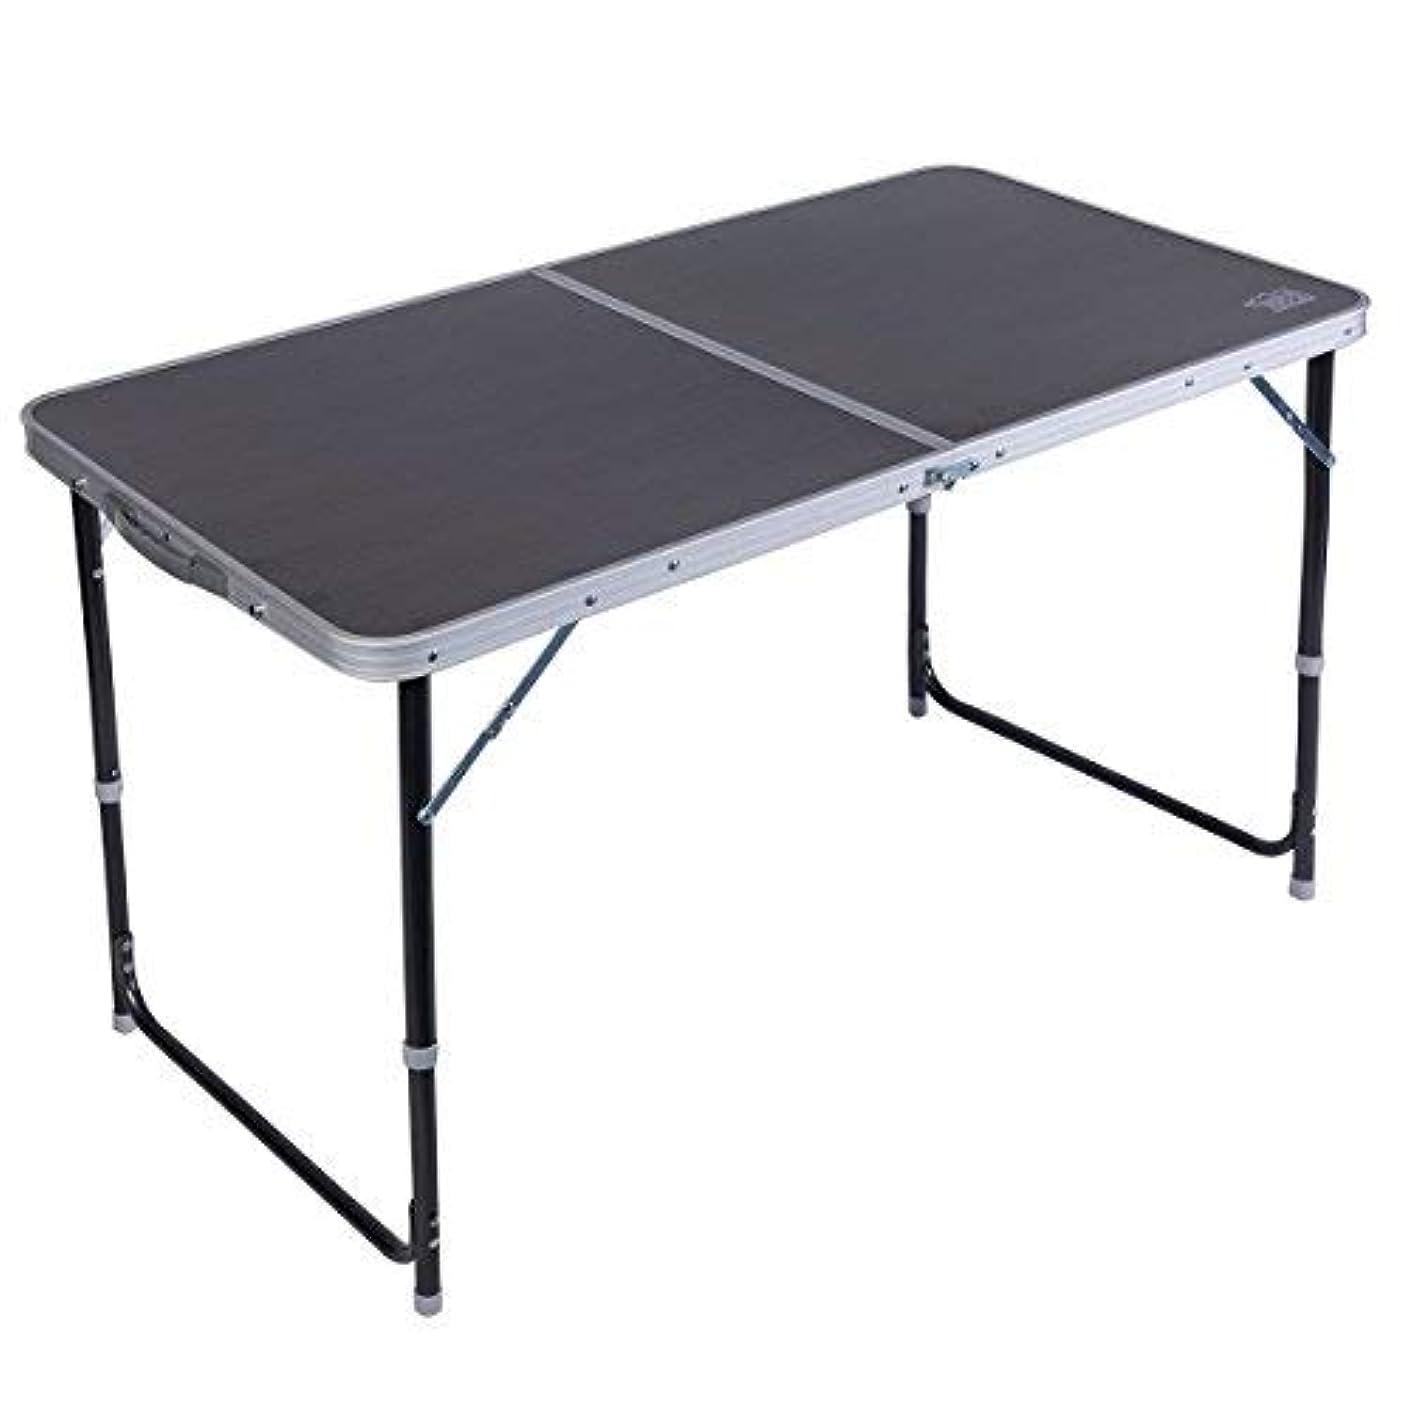 残り物昇るが欲しいTimber Ridge Adjustable Height Portable Lightweight Folding Utility Outdoor Camping Table [並行輸入品]